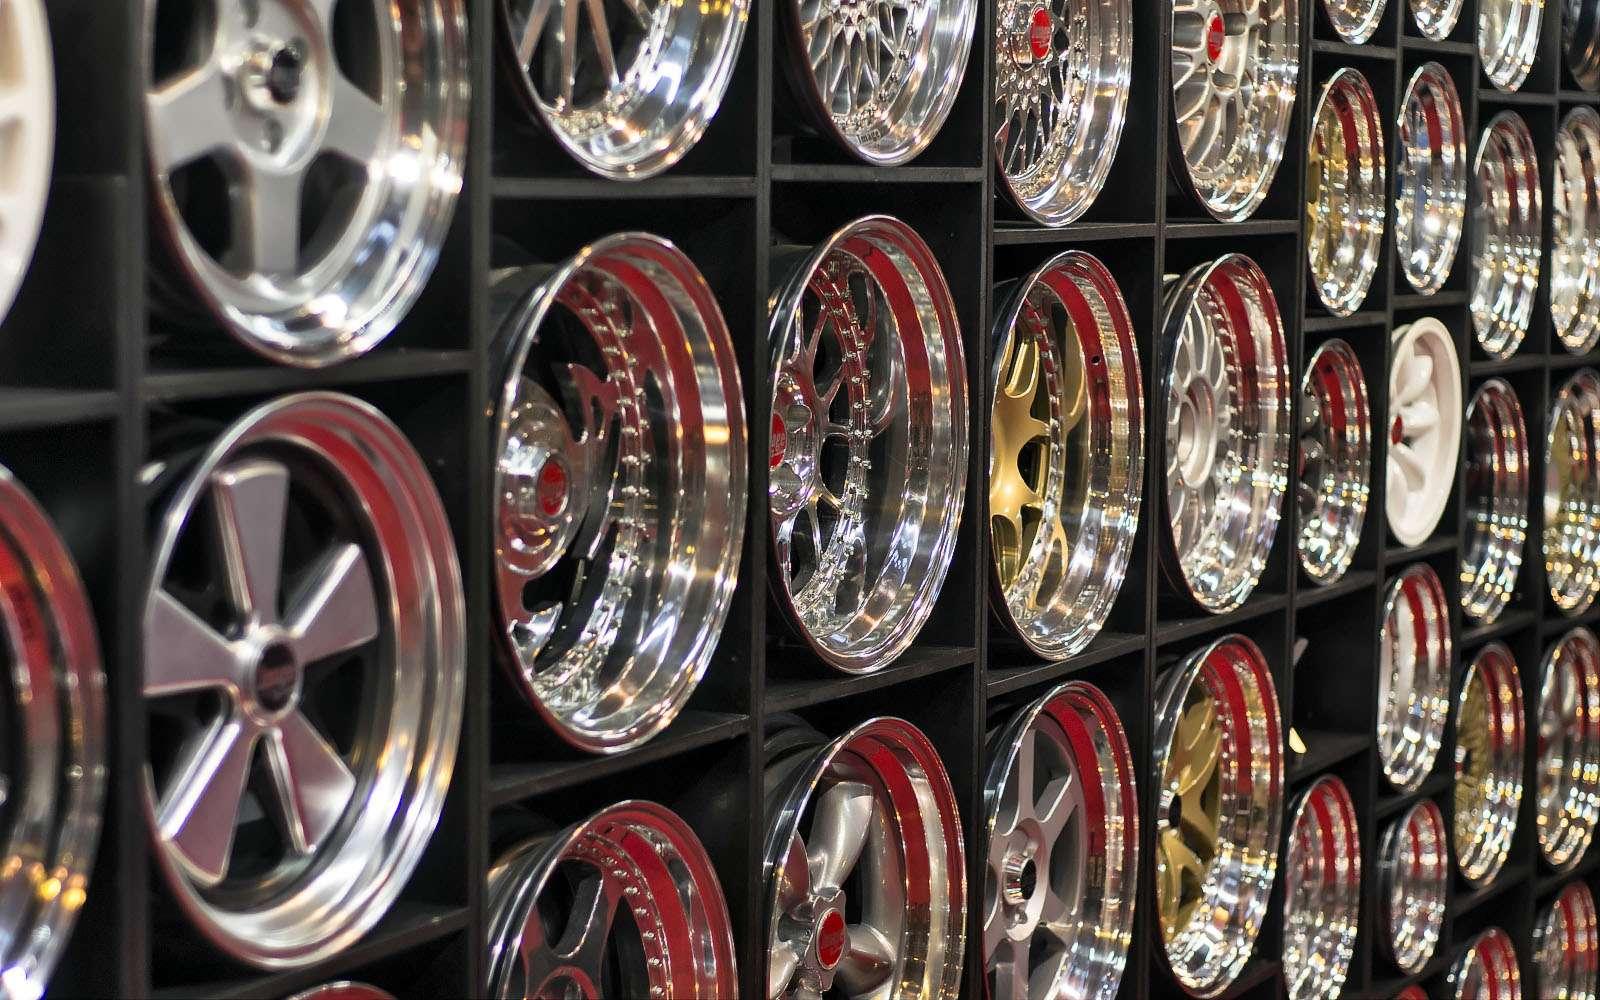 Литые диски: стоит липереплачивать?— фото 598905